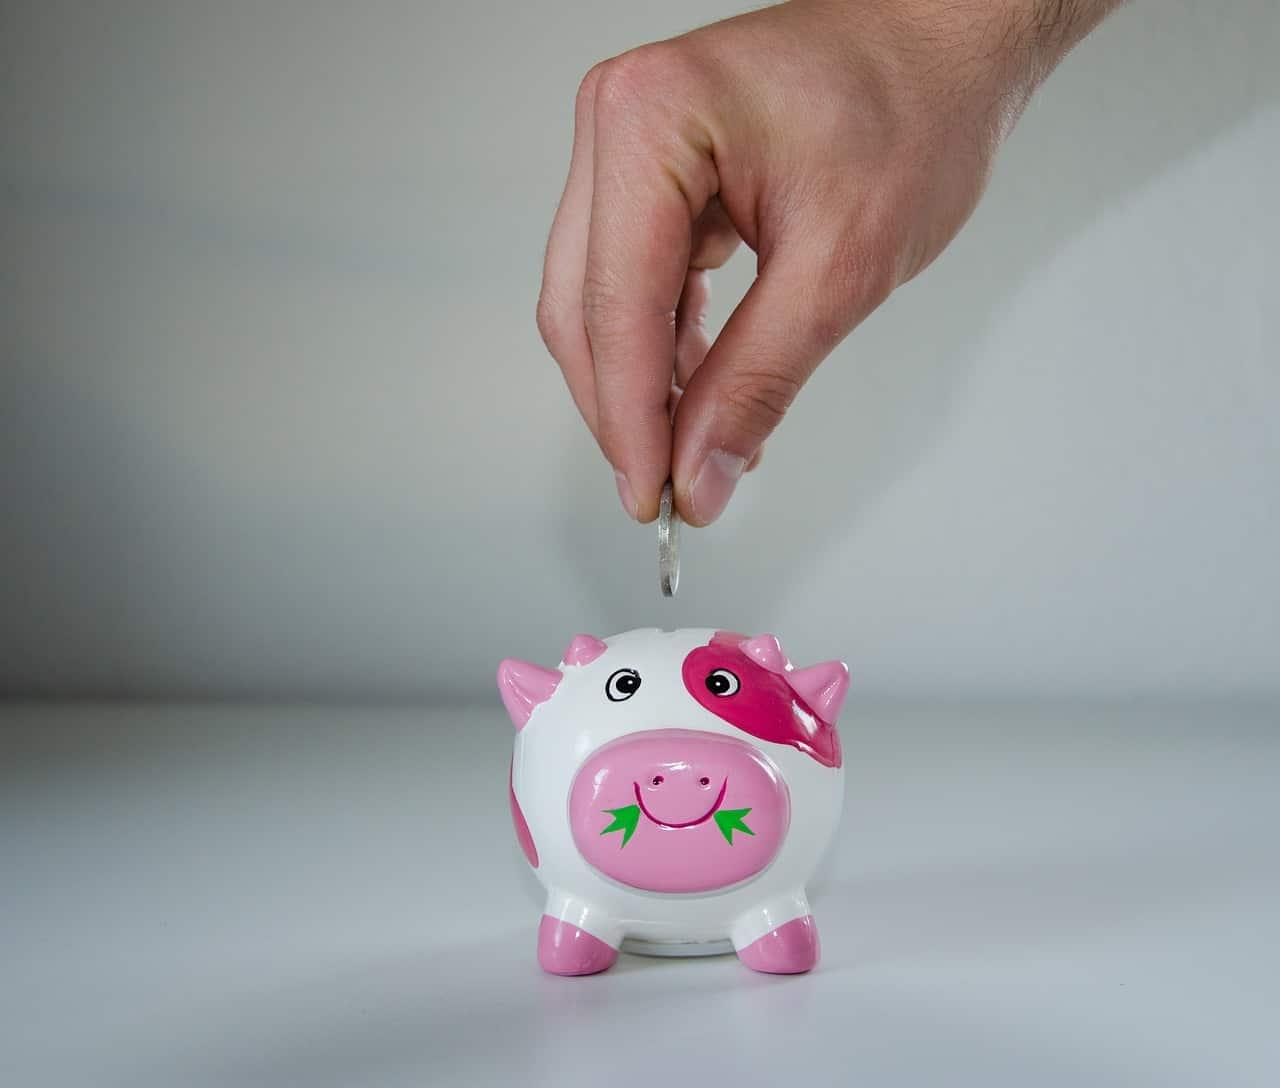 הפקדה בתיבת חסכון